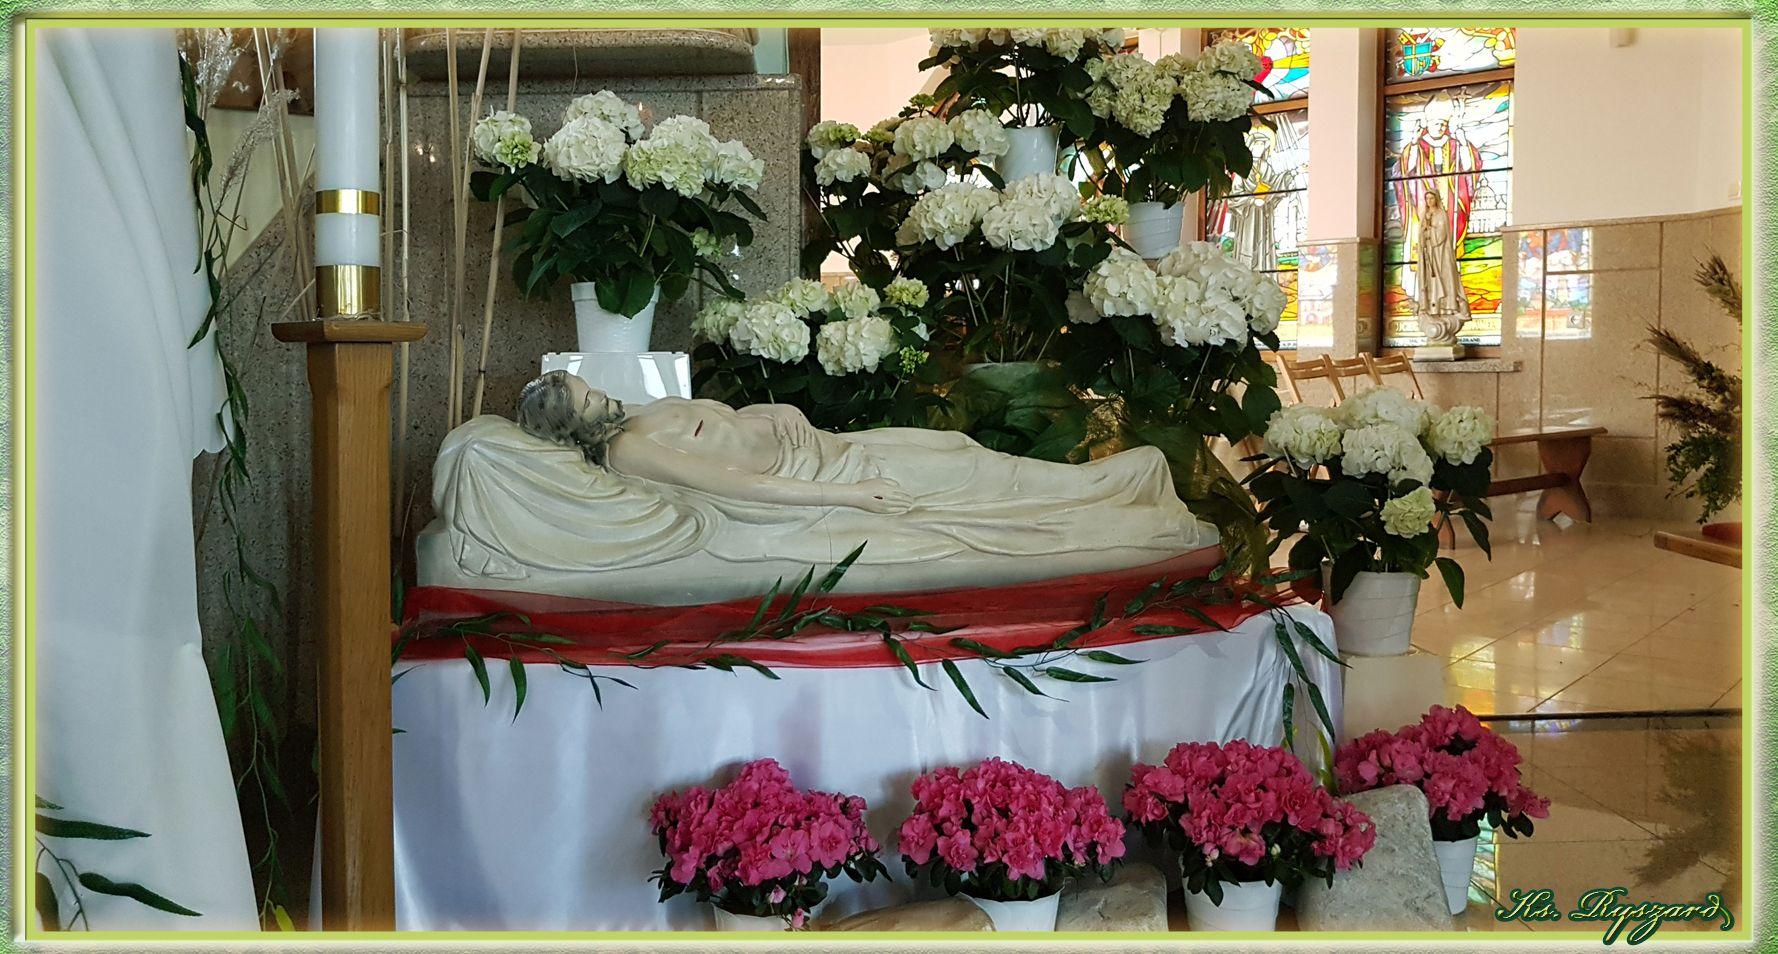 O Swicie Maria Magdalena I Druga Maria Udaly Sie Do Grobu Nie Spodziewaly Sie Ze Zostana Odsuniety Kamien Niedziela Zmartwychwstania Panskiego Jest Bardzo Ra